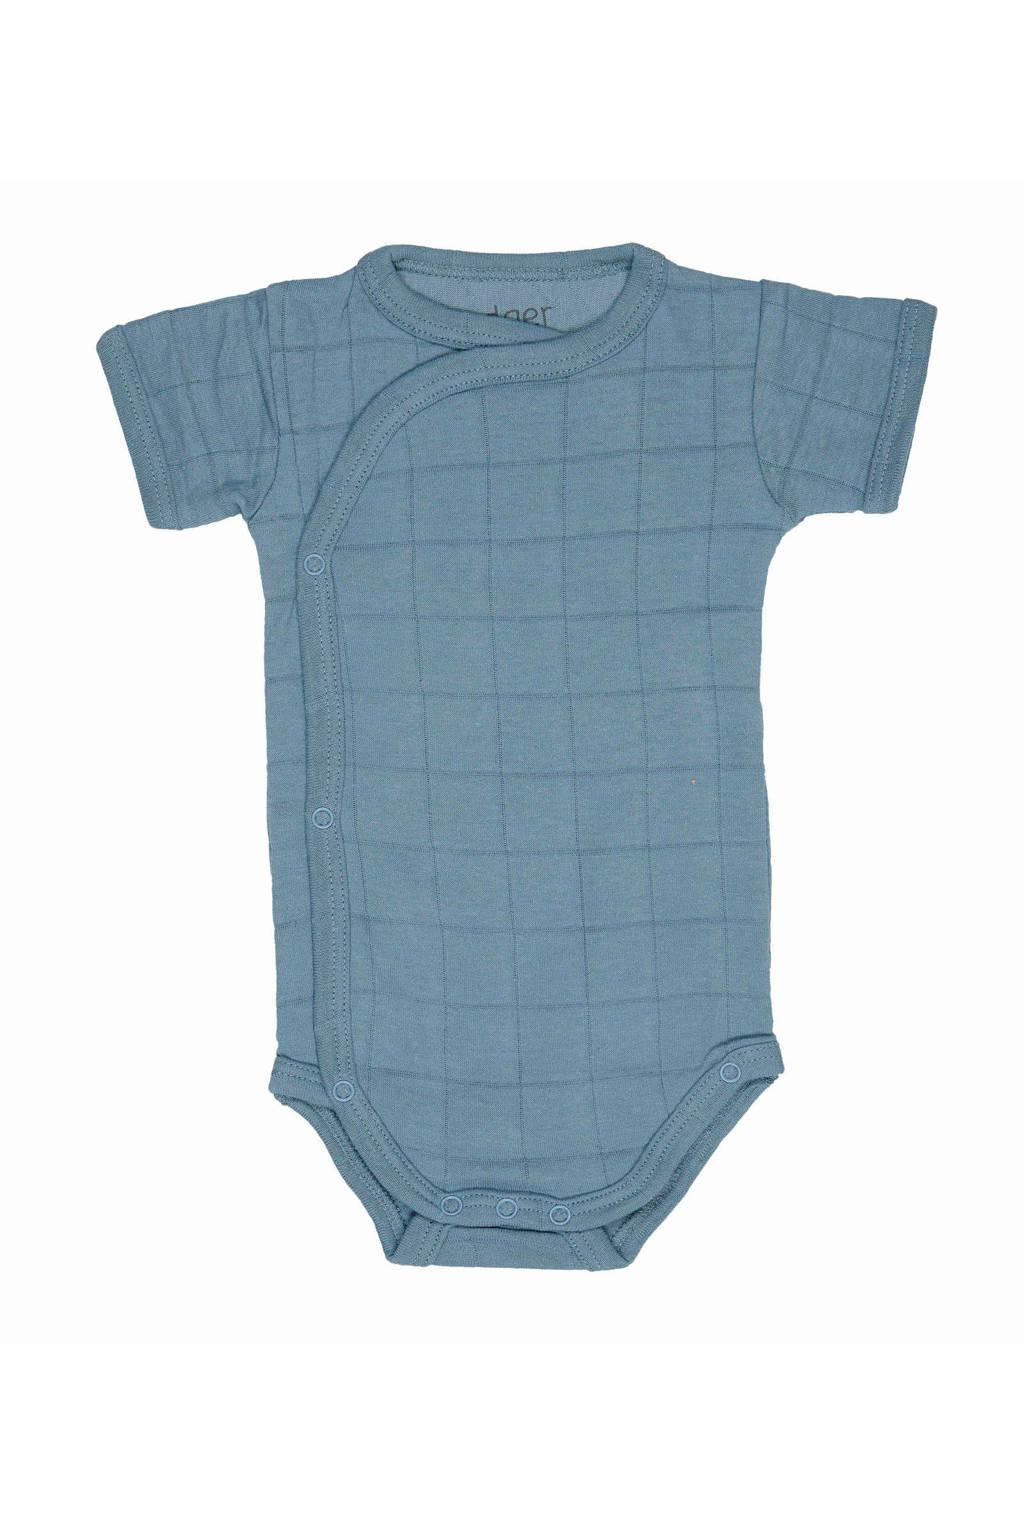 Lodger newborn baby romper Ciumbelle, Blauw